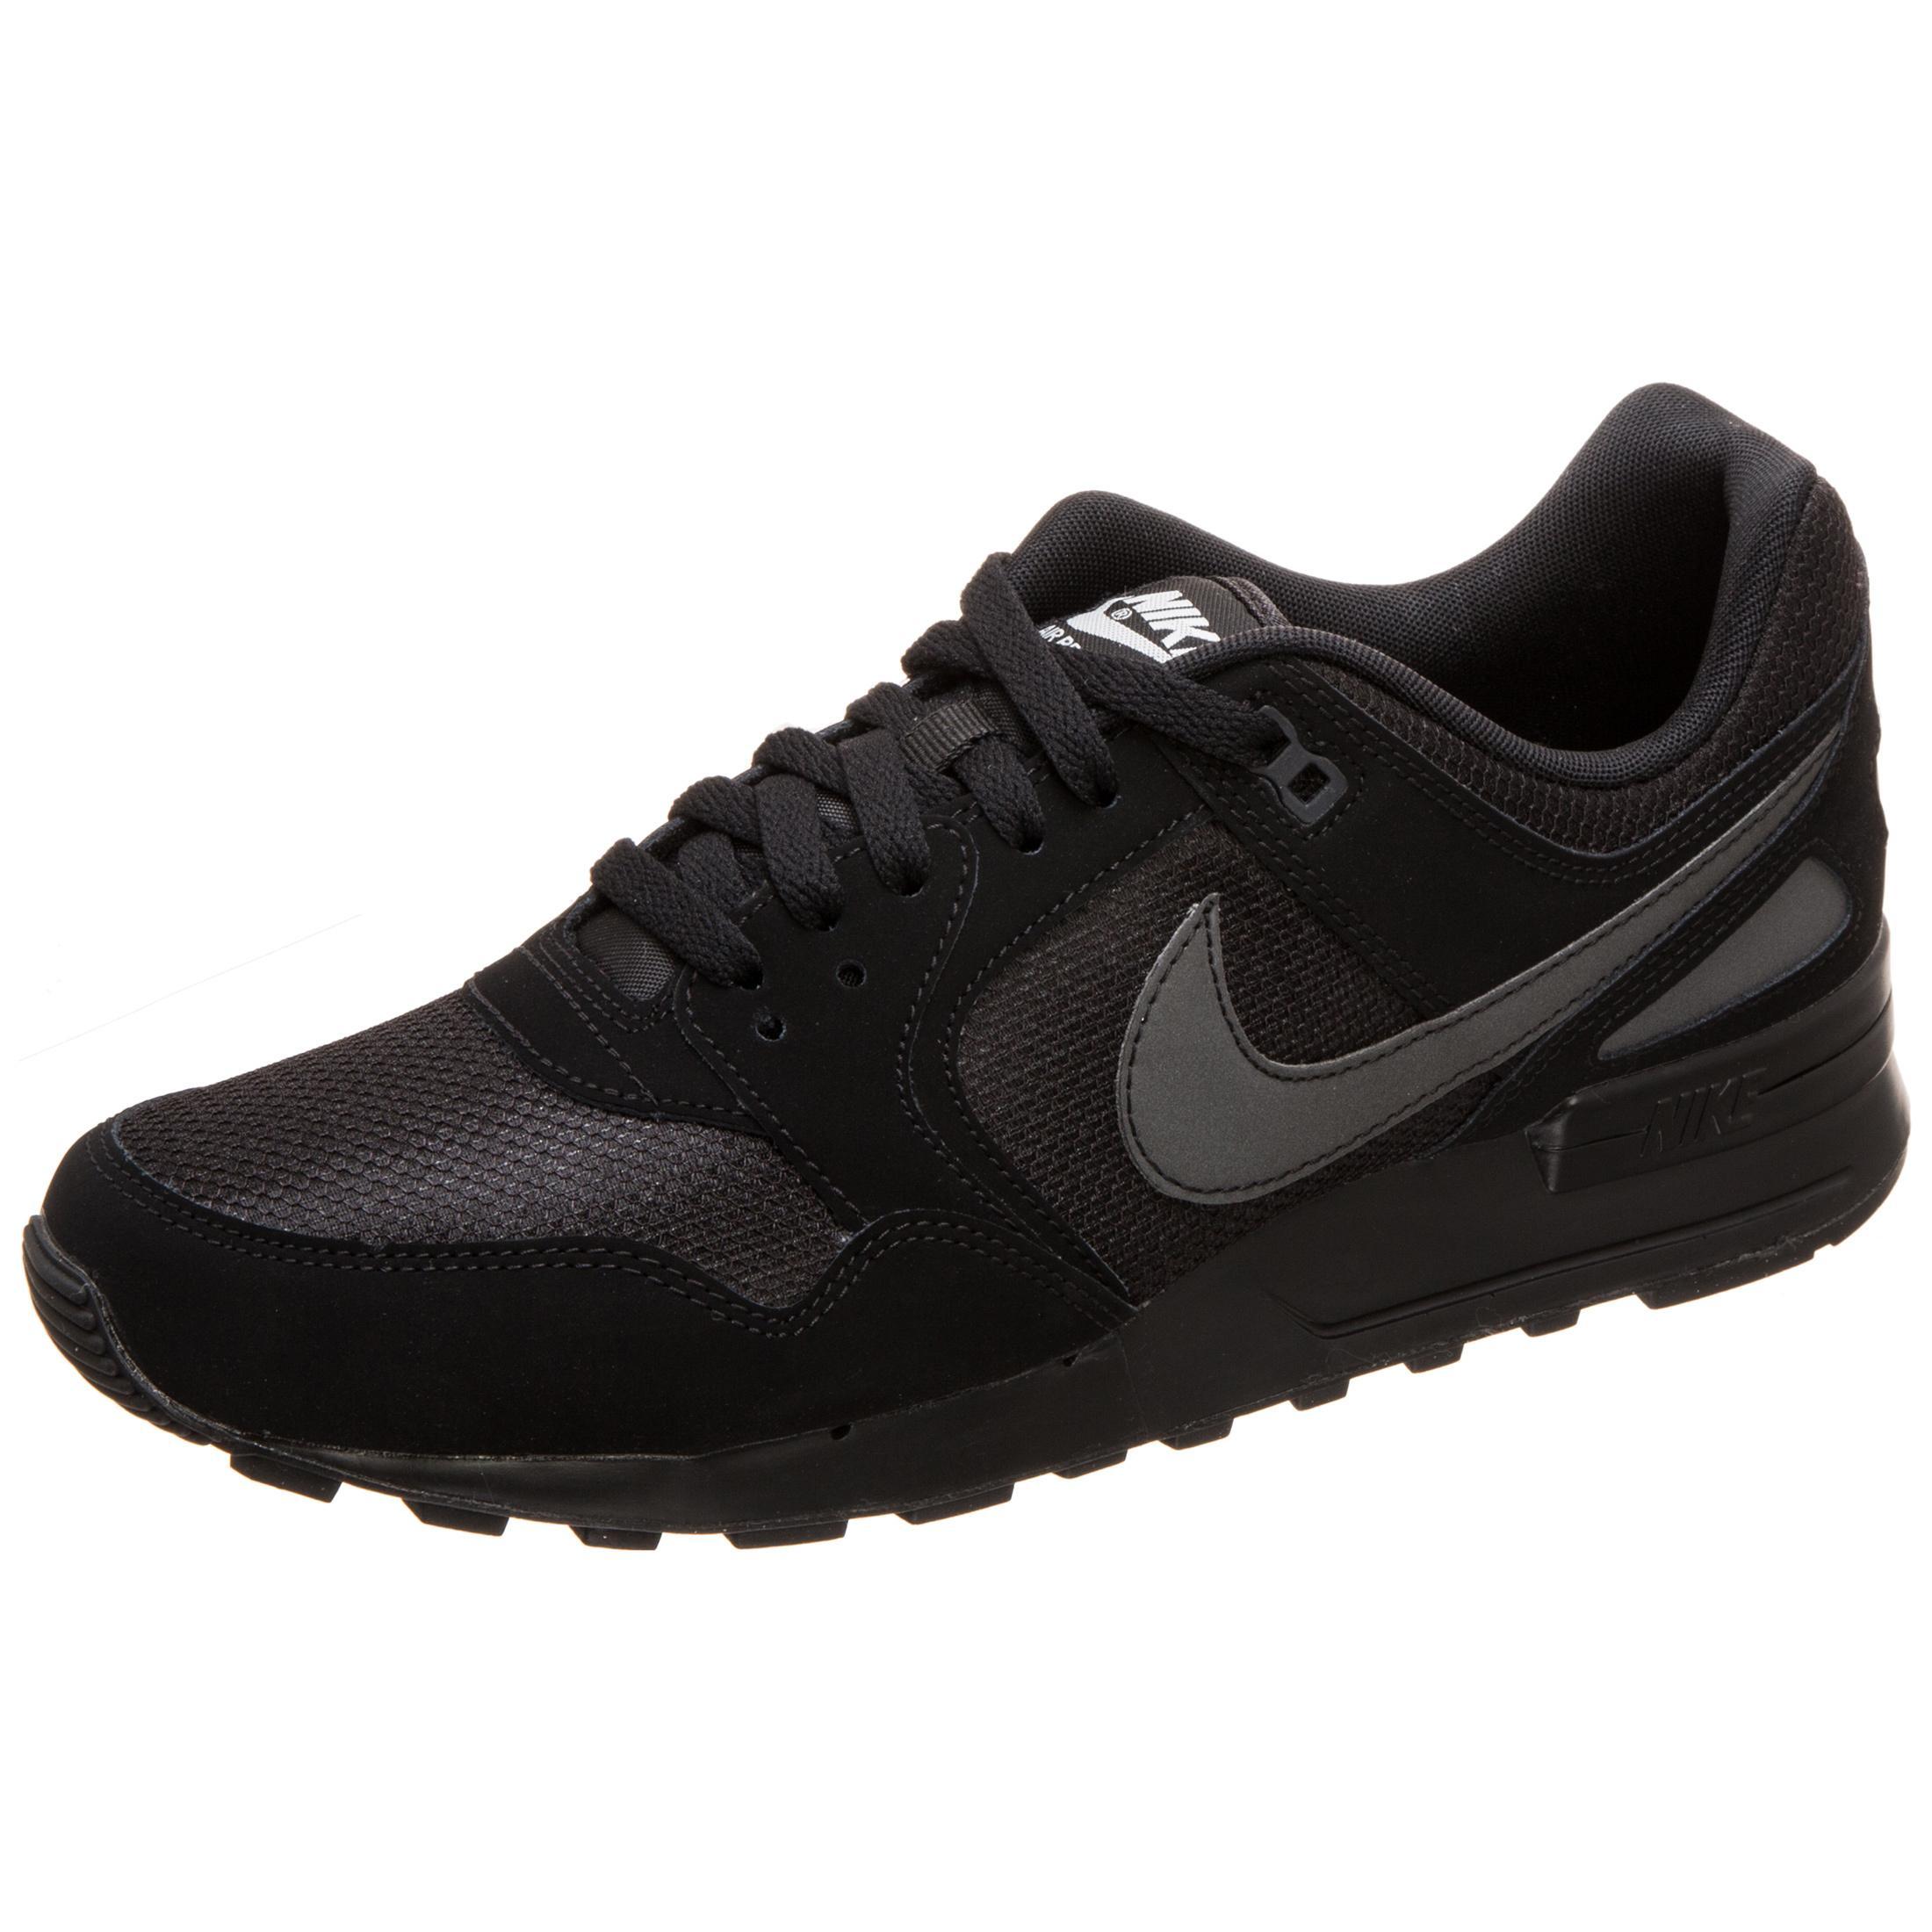 Schwarz Online Vm08wnnoy Von Pegasus Herren Air 89 Shop Nike Sneaker Im pUjSVGLzqM